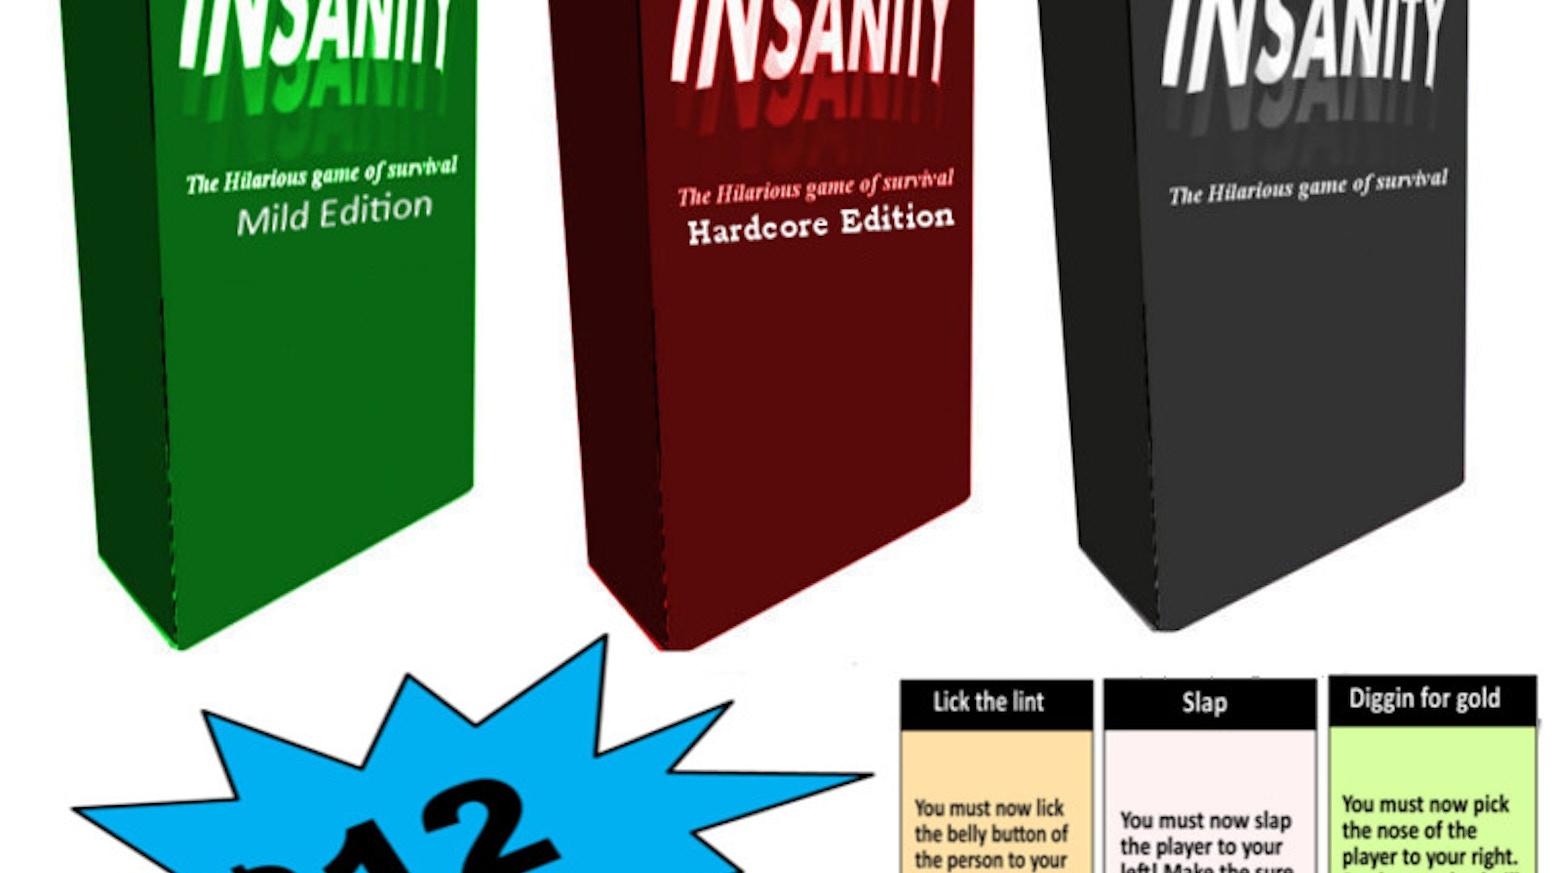 insanity by tyler king deleted kickstarter